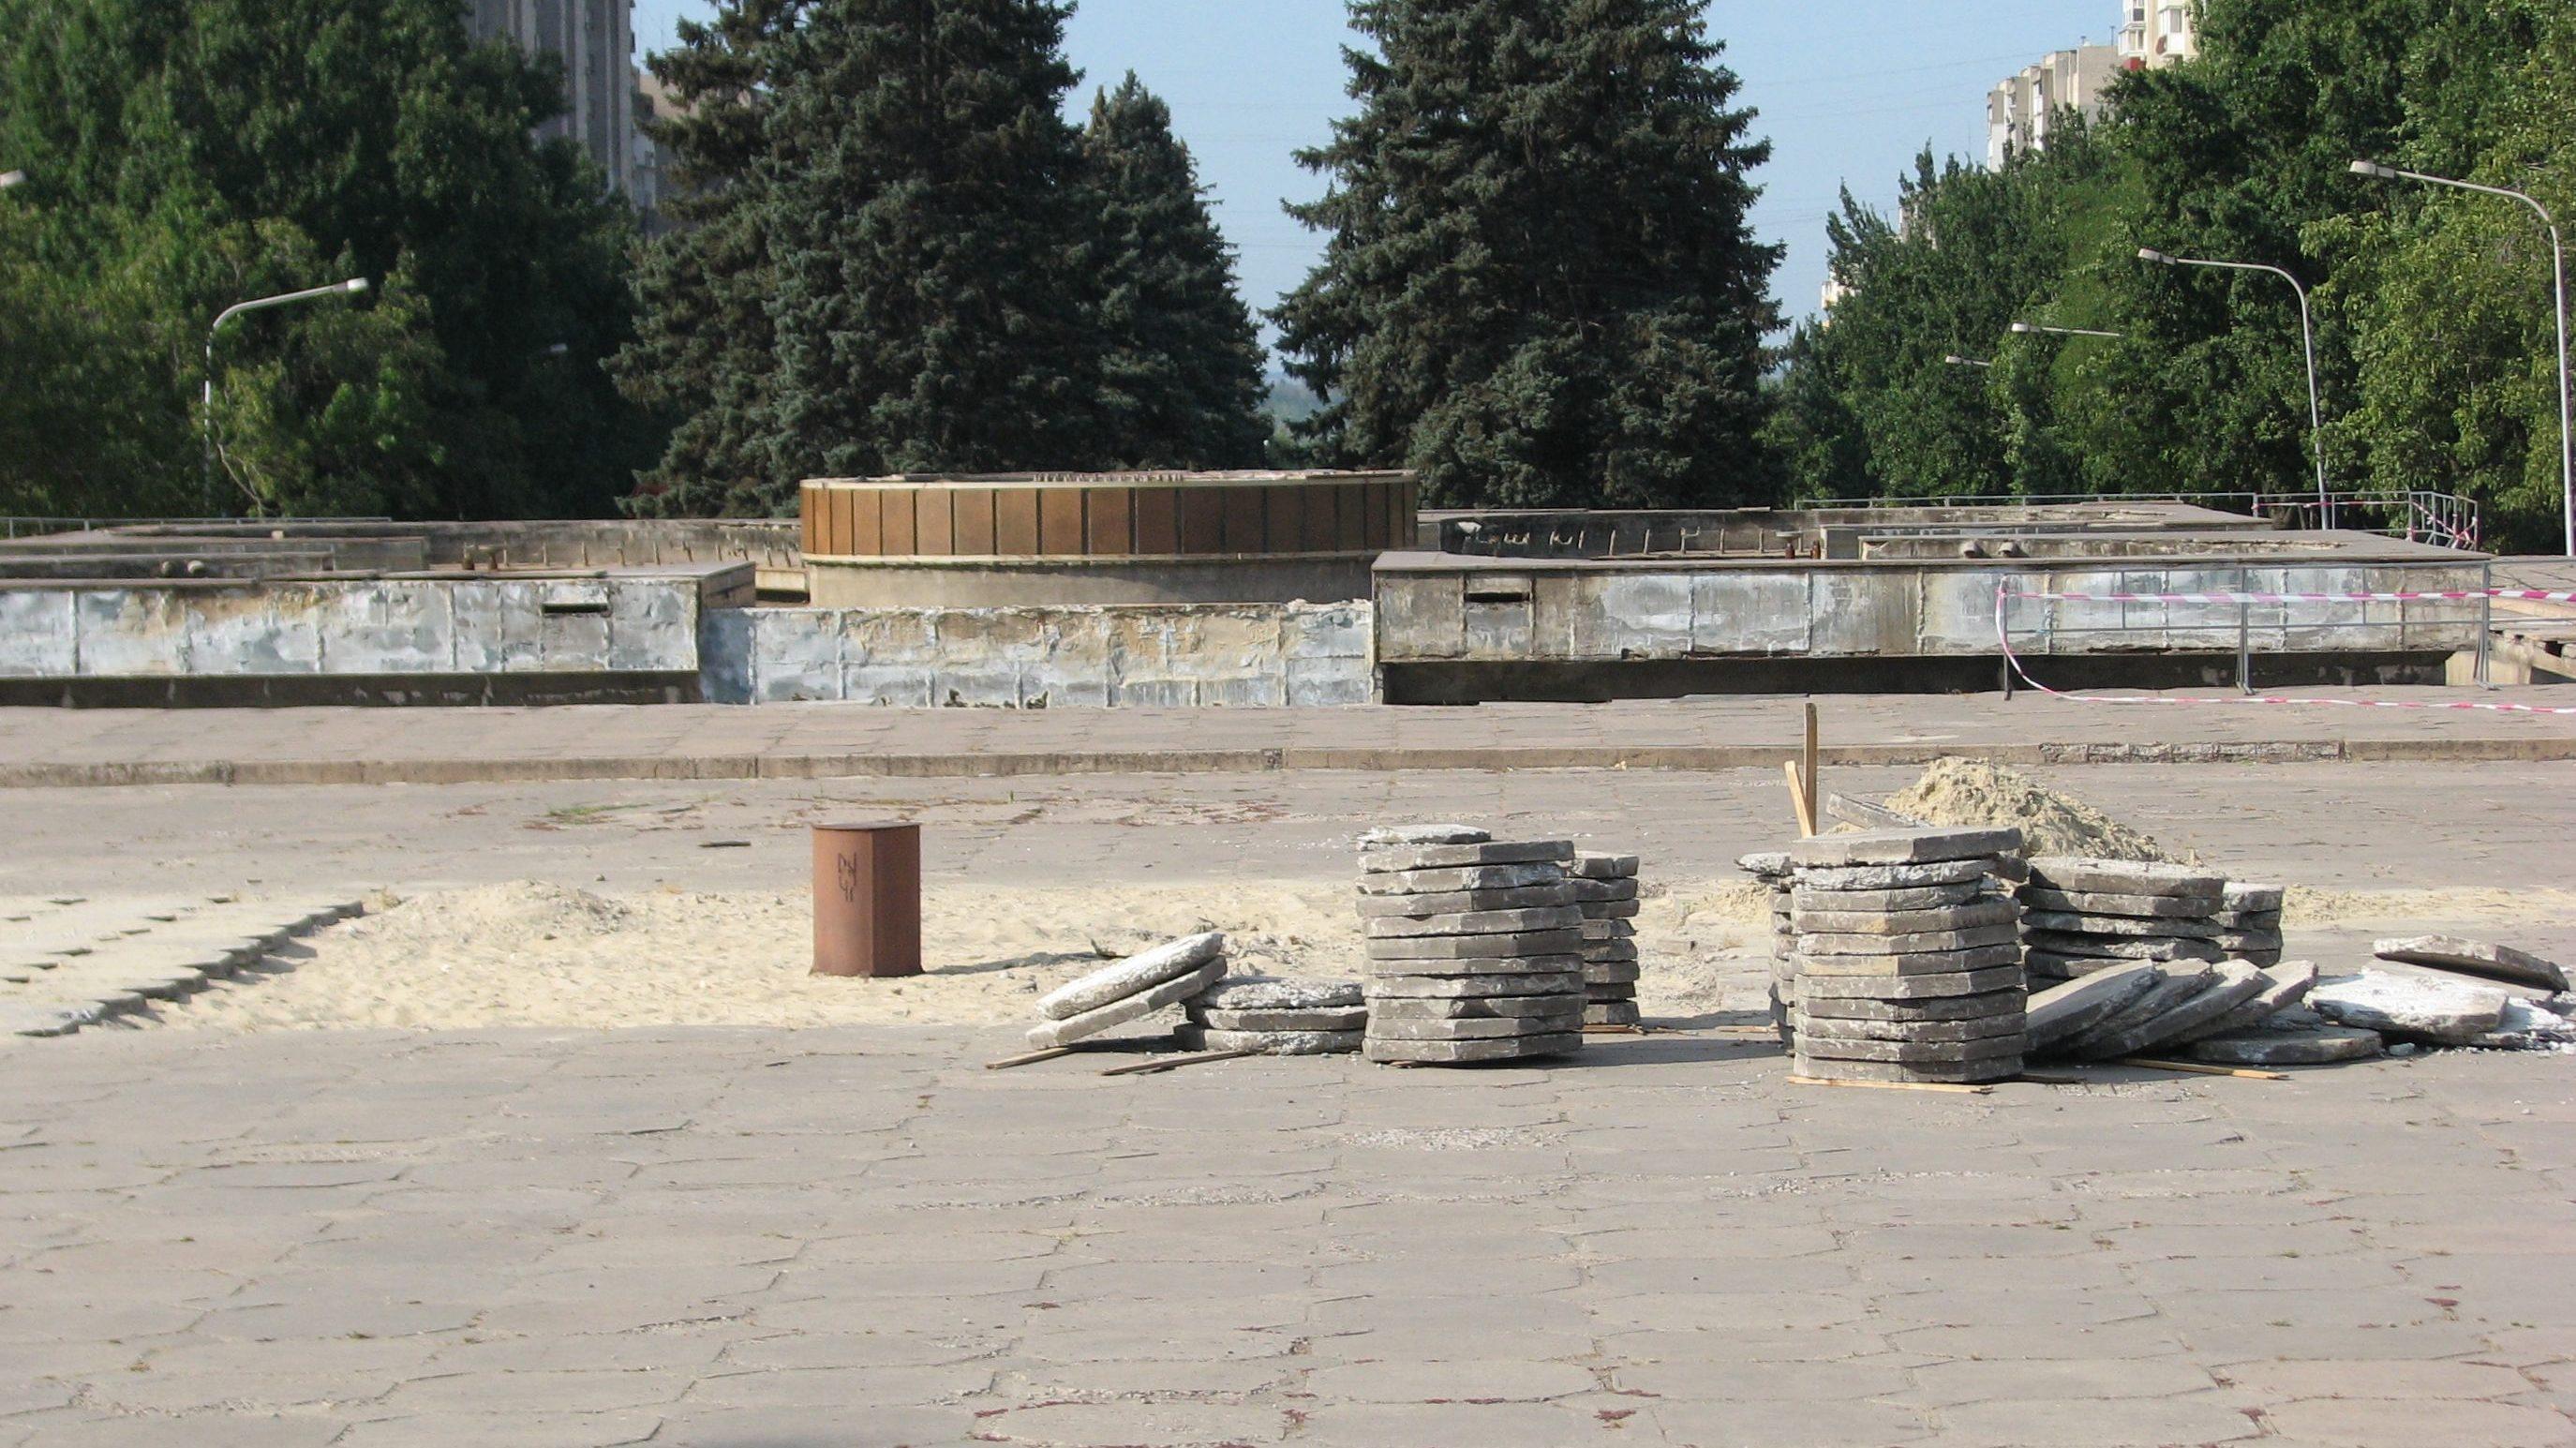 В Запорожье планируют реконструкцию площади Фестивальной за 100 миллионов